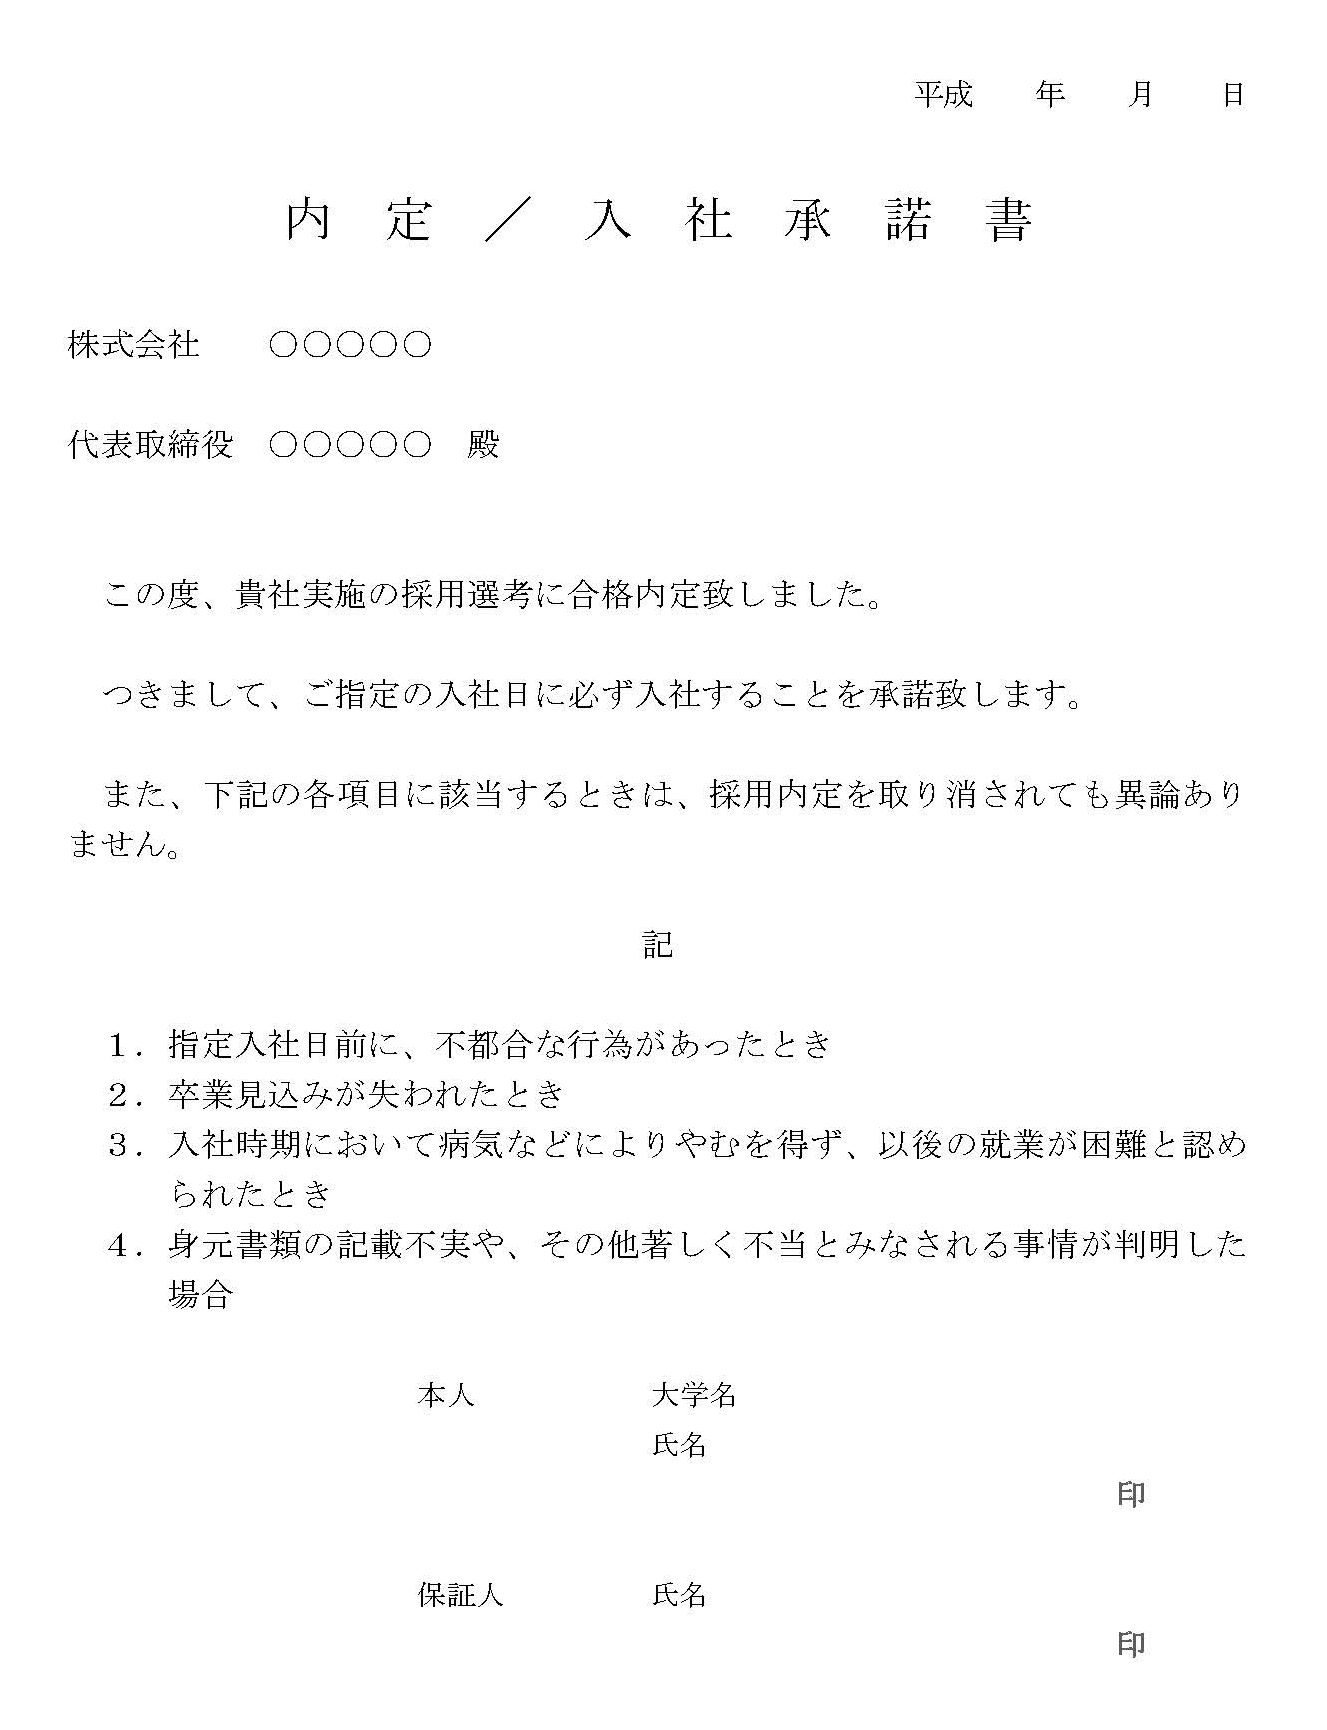 内定/入社承諾書